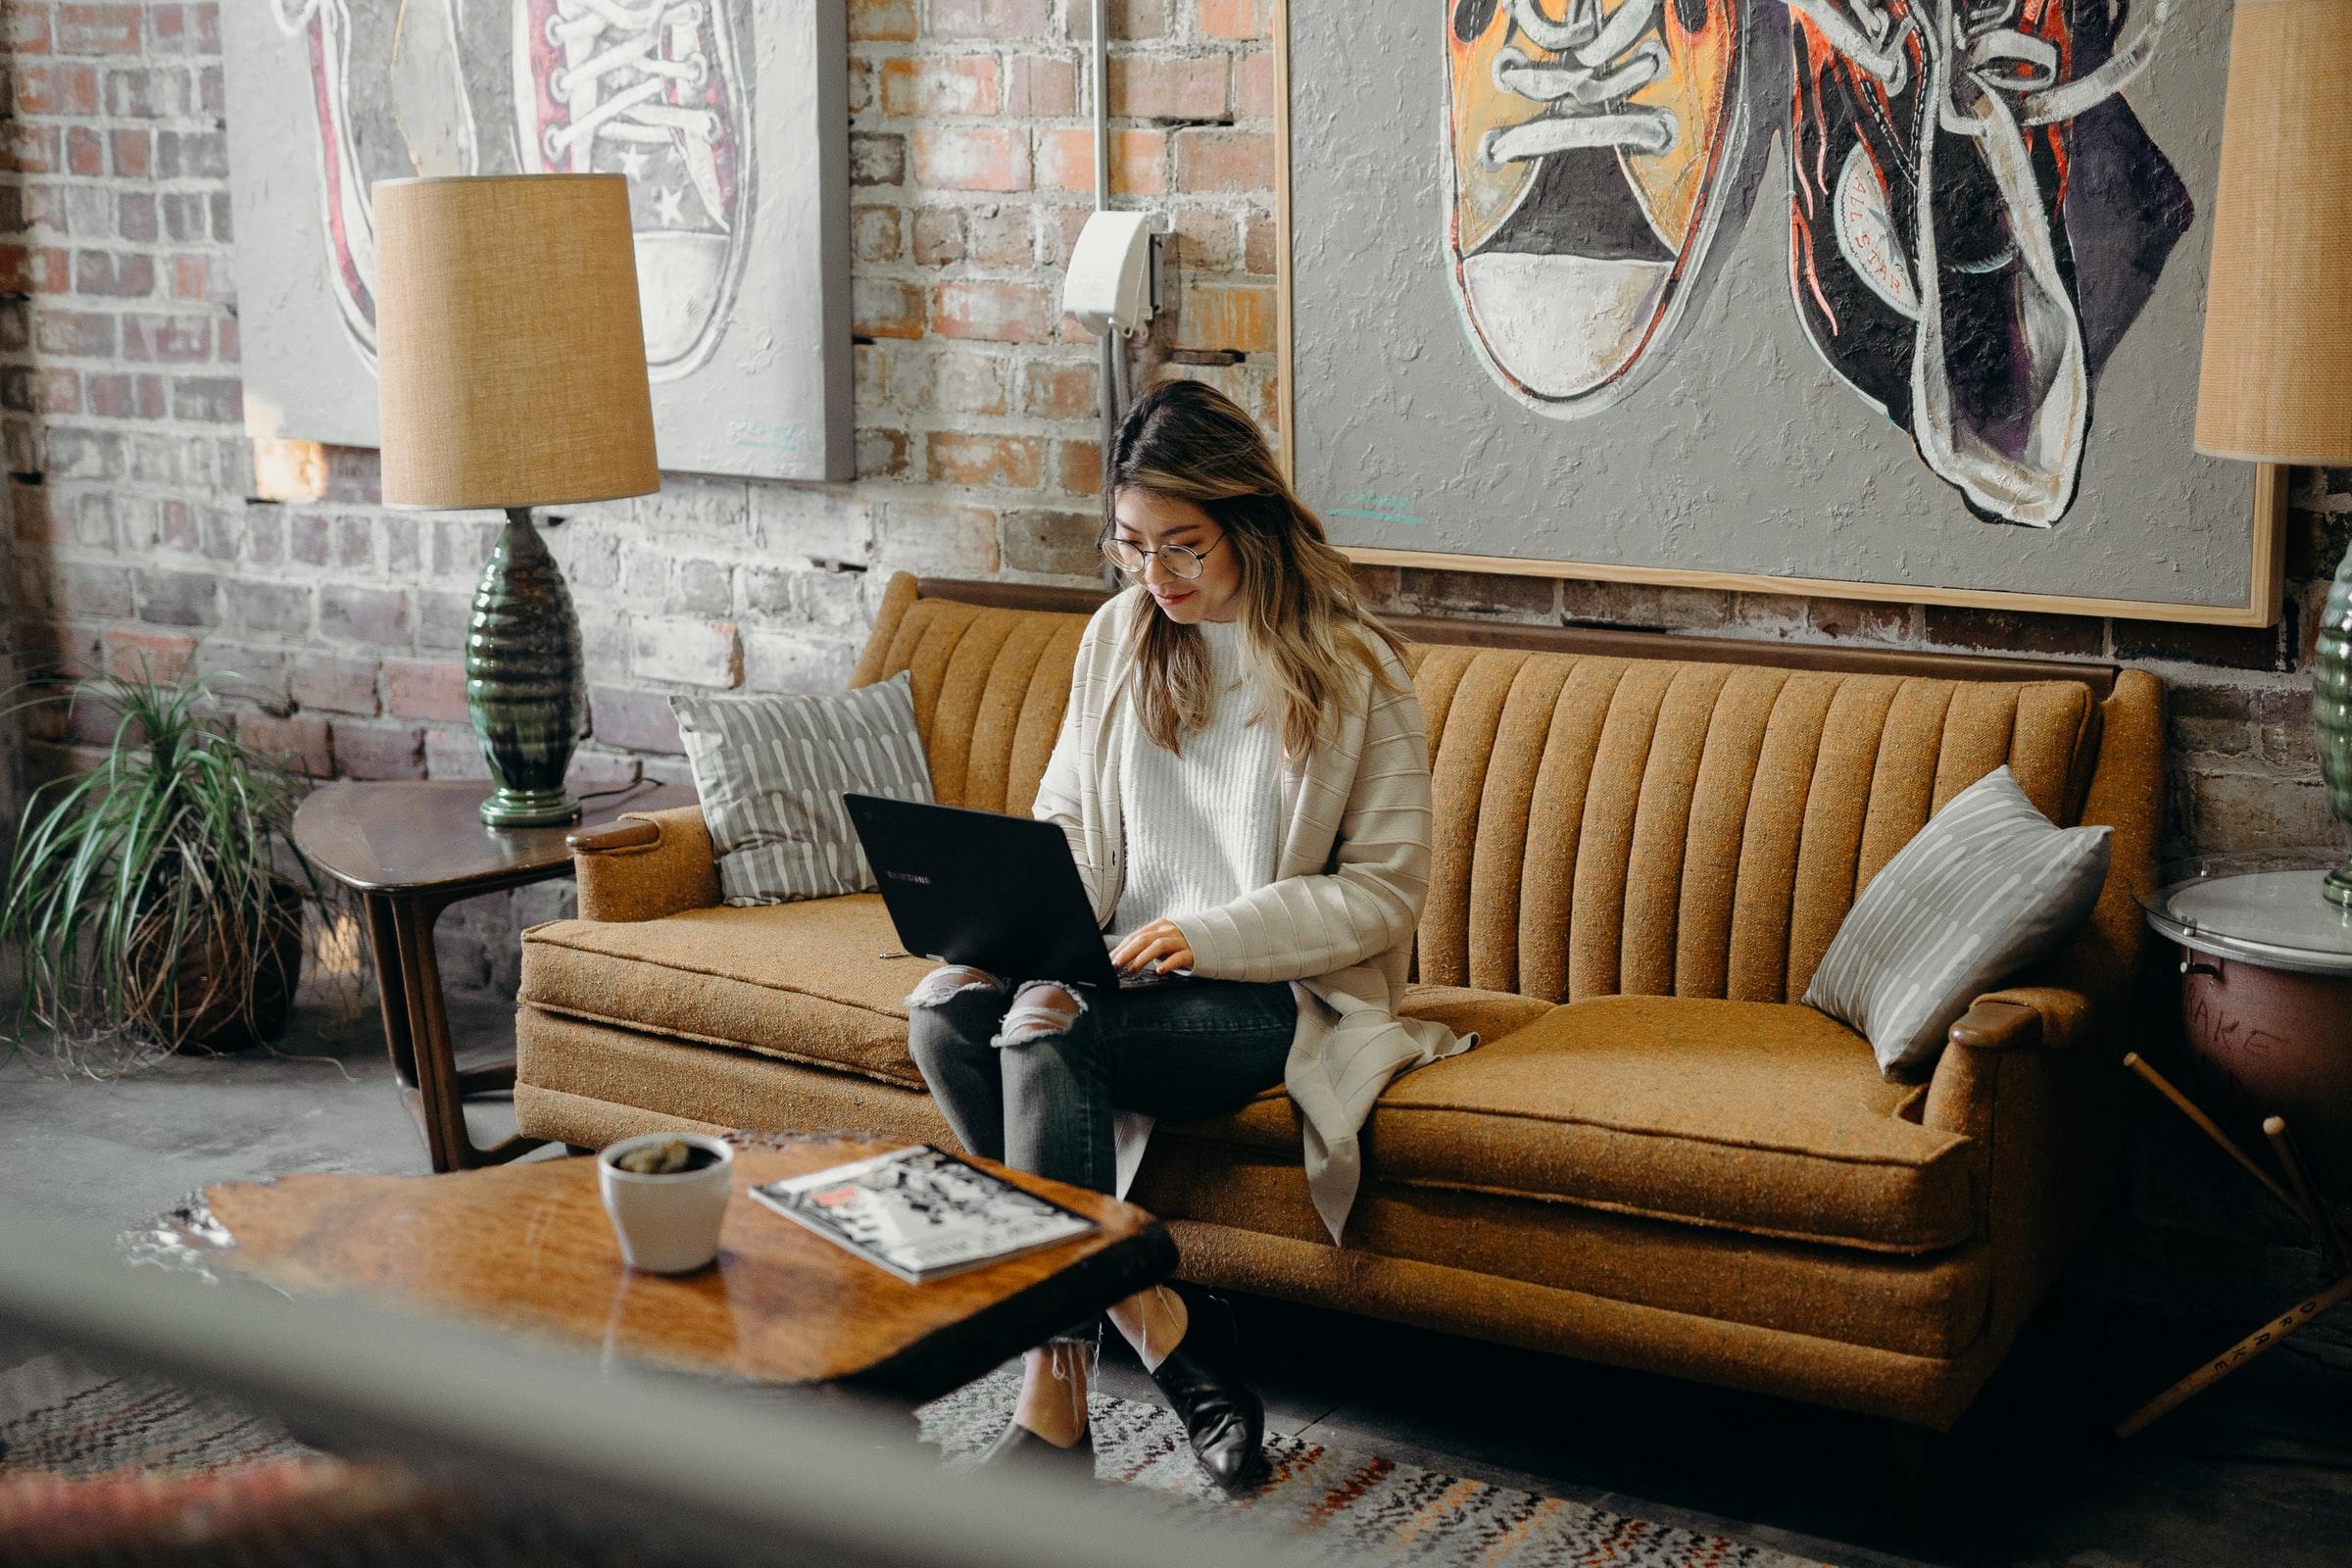 Arbeiten von der Couch aus: Home Office kann bequem und belastend sein